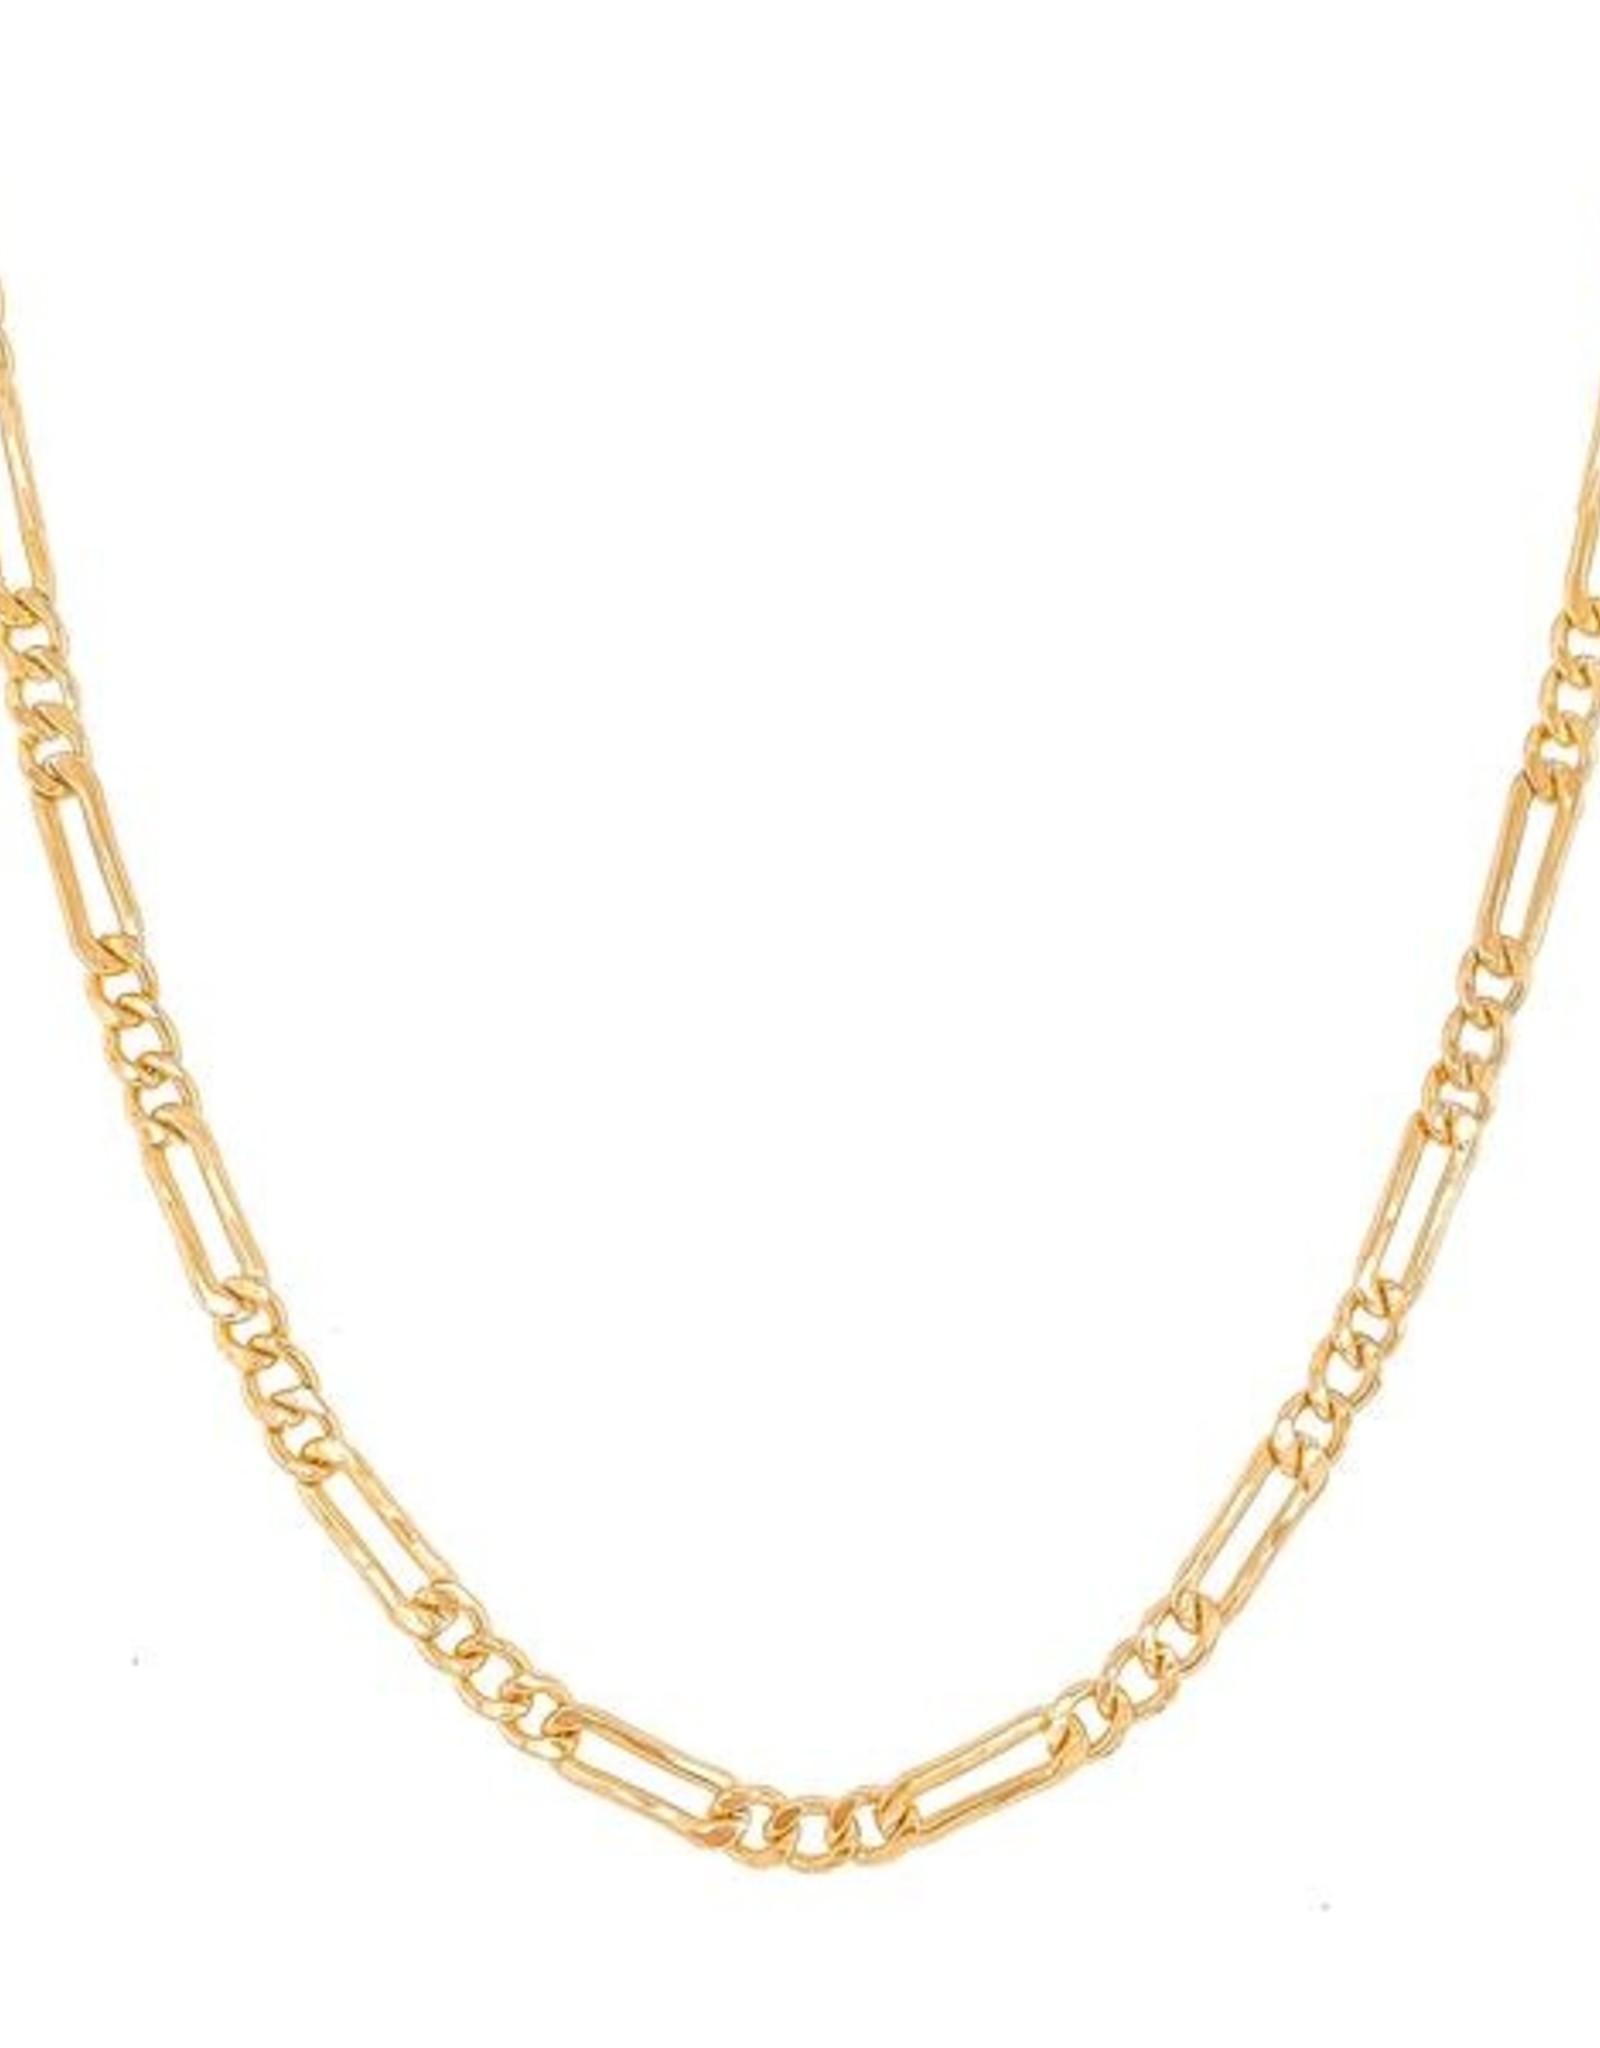 Mod + Jo Sasha Chain Necklace